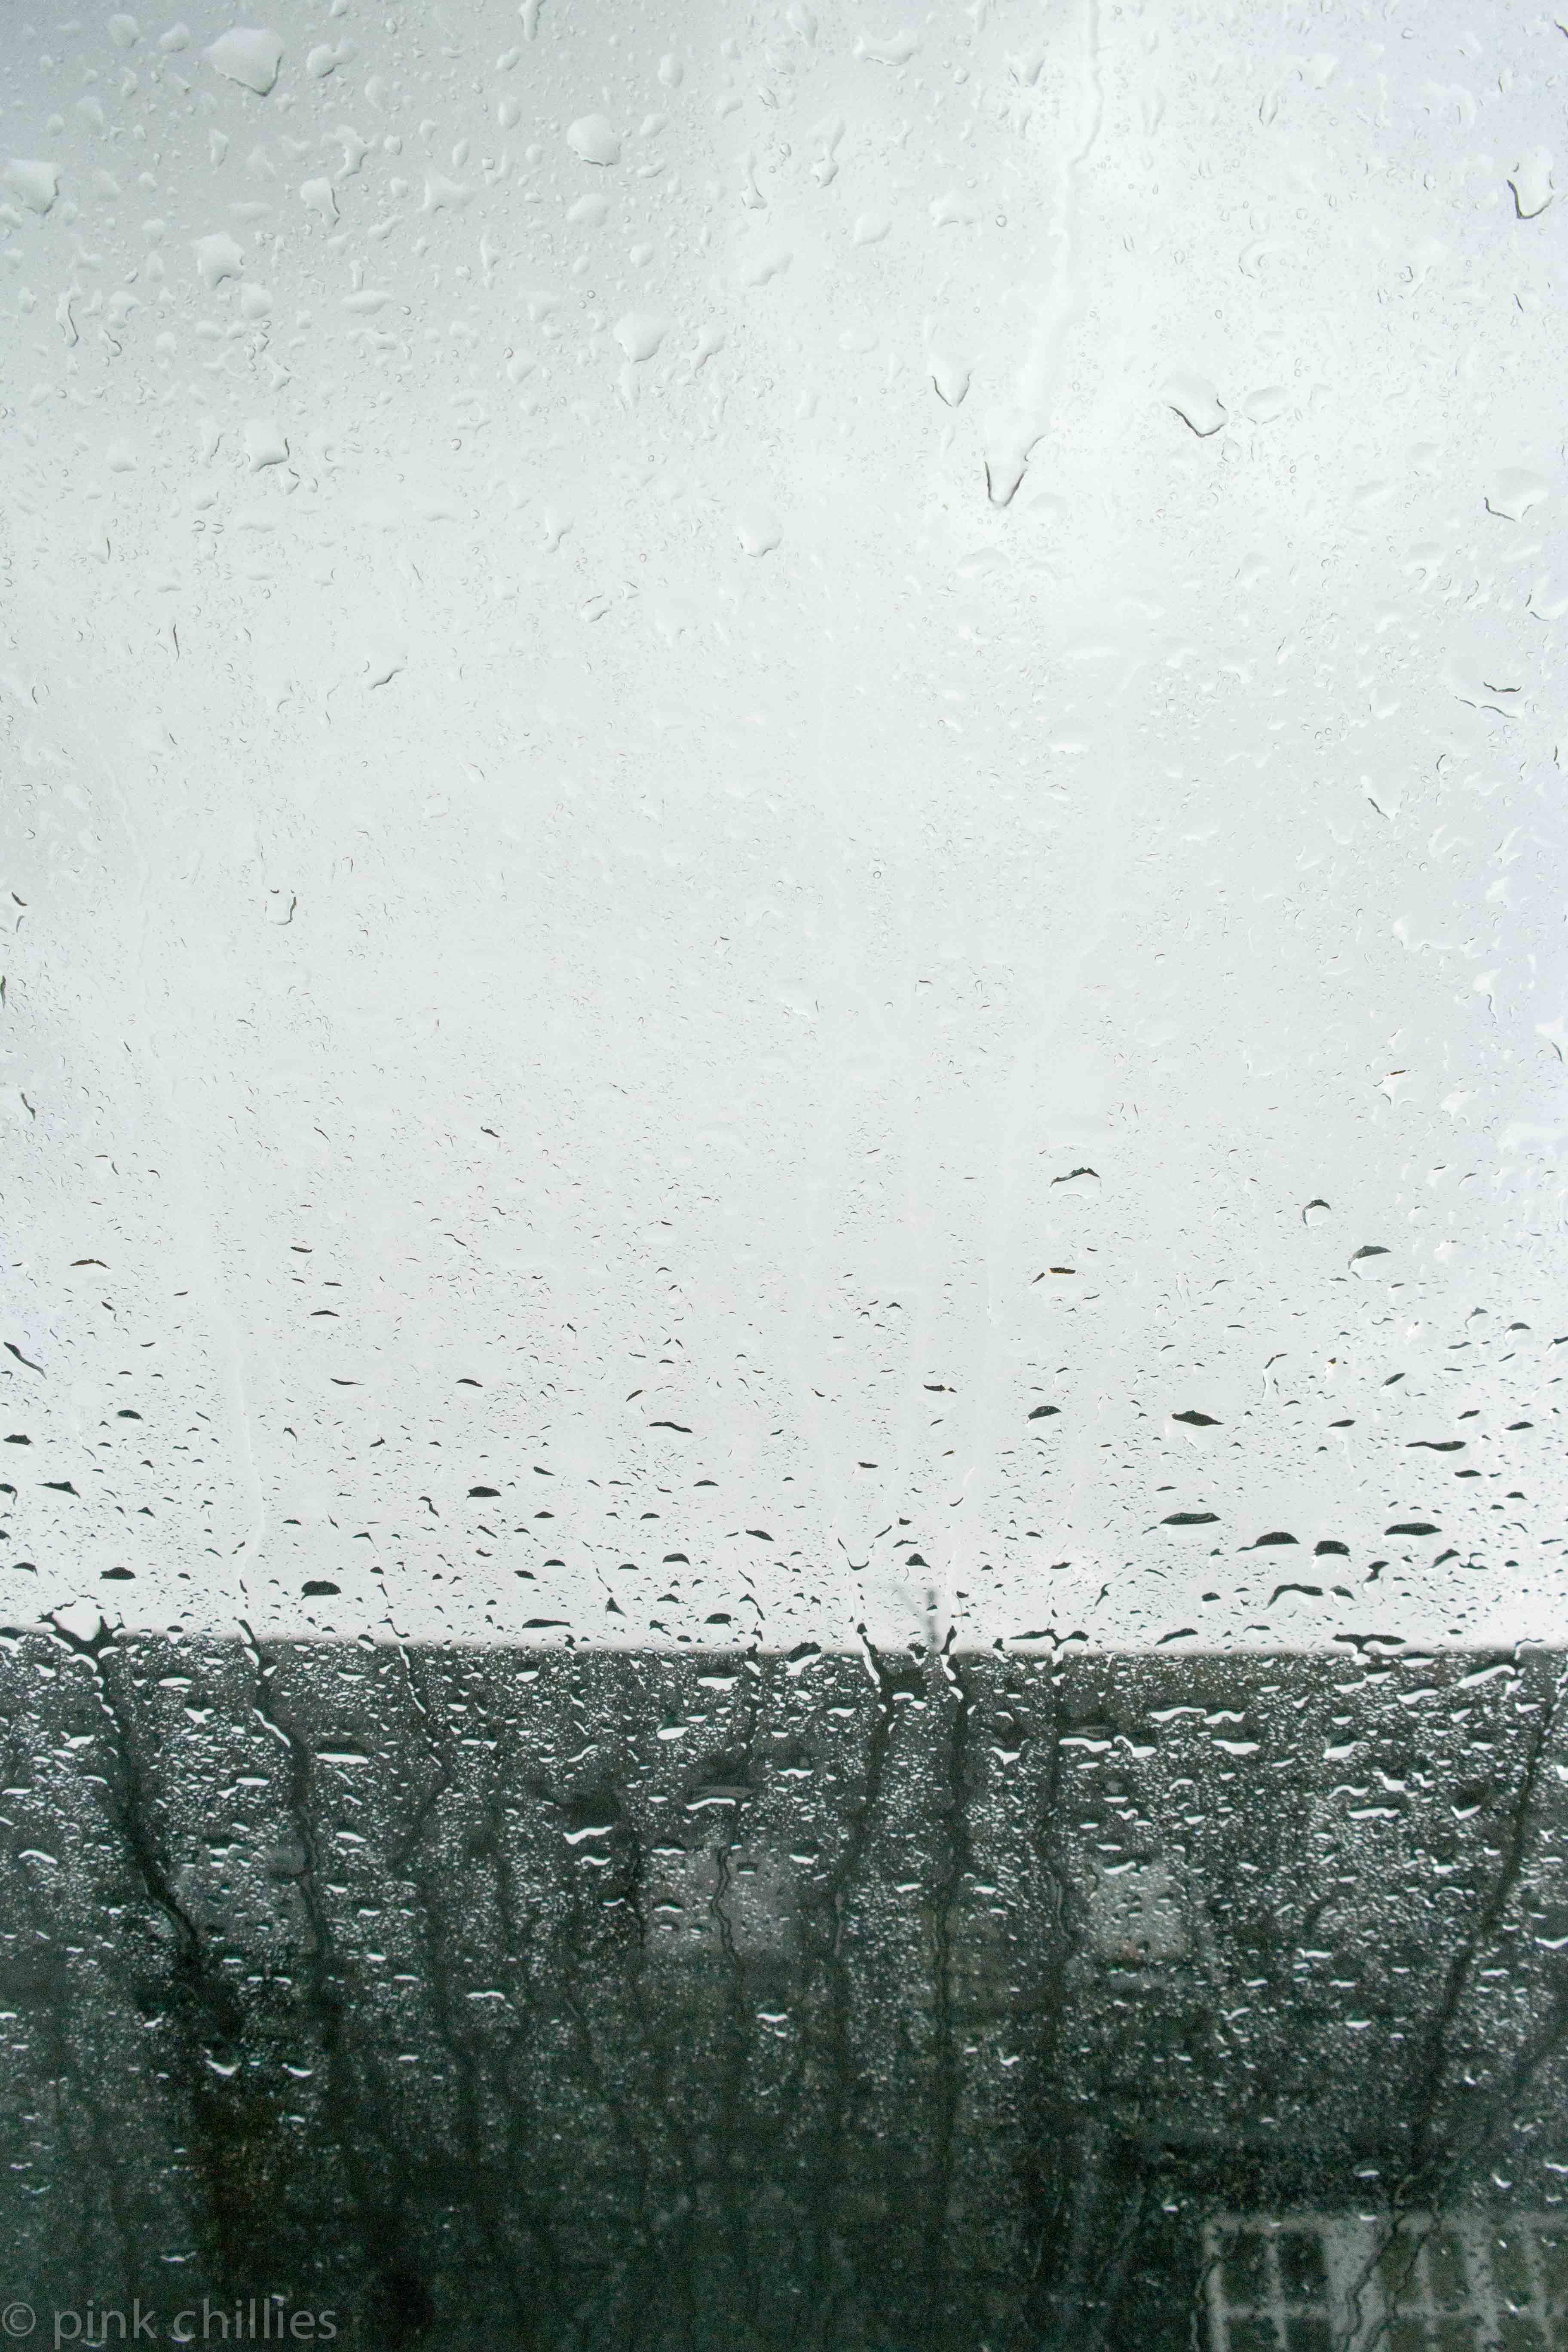 Dauerregen-0164